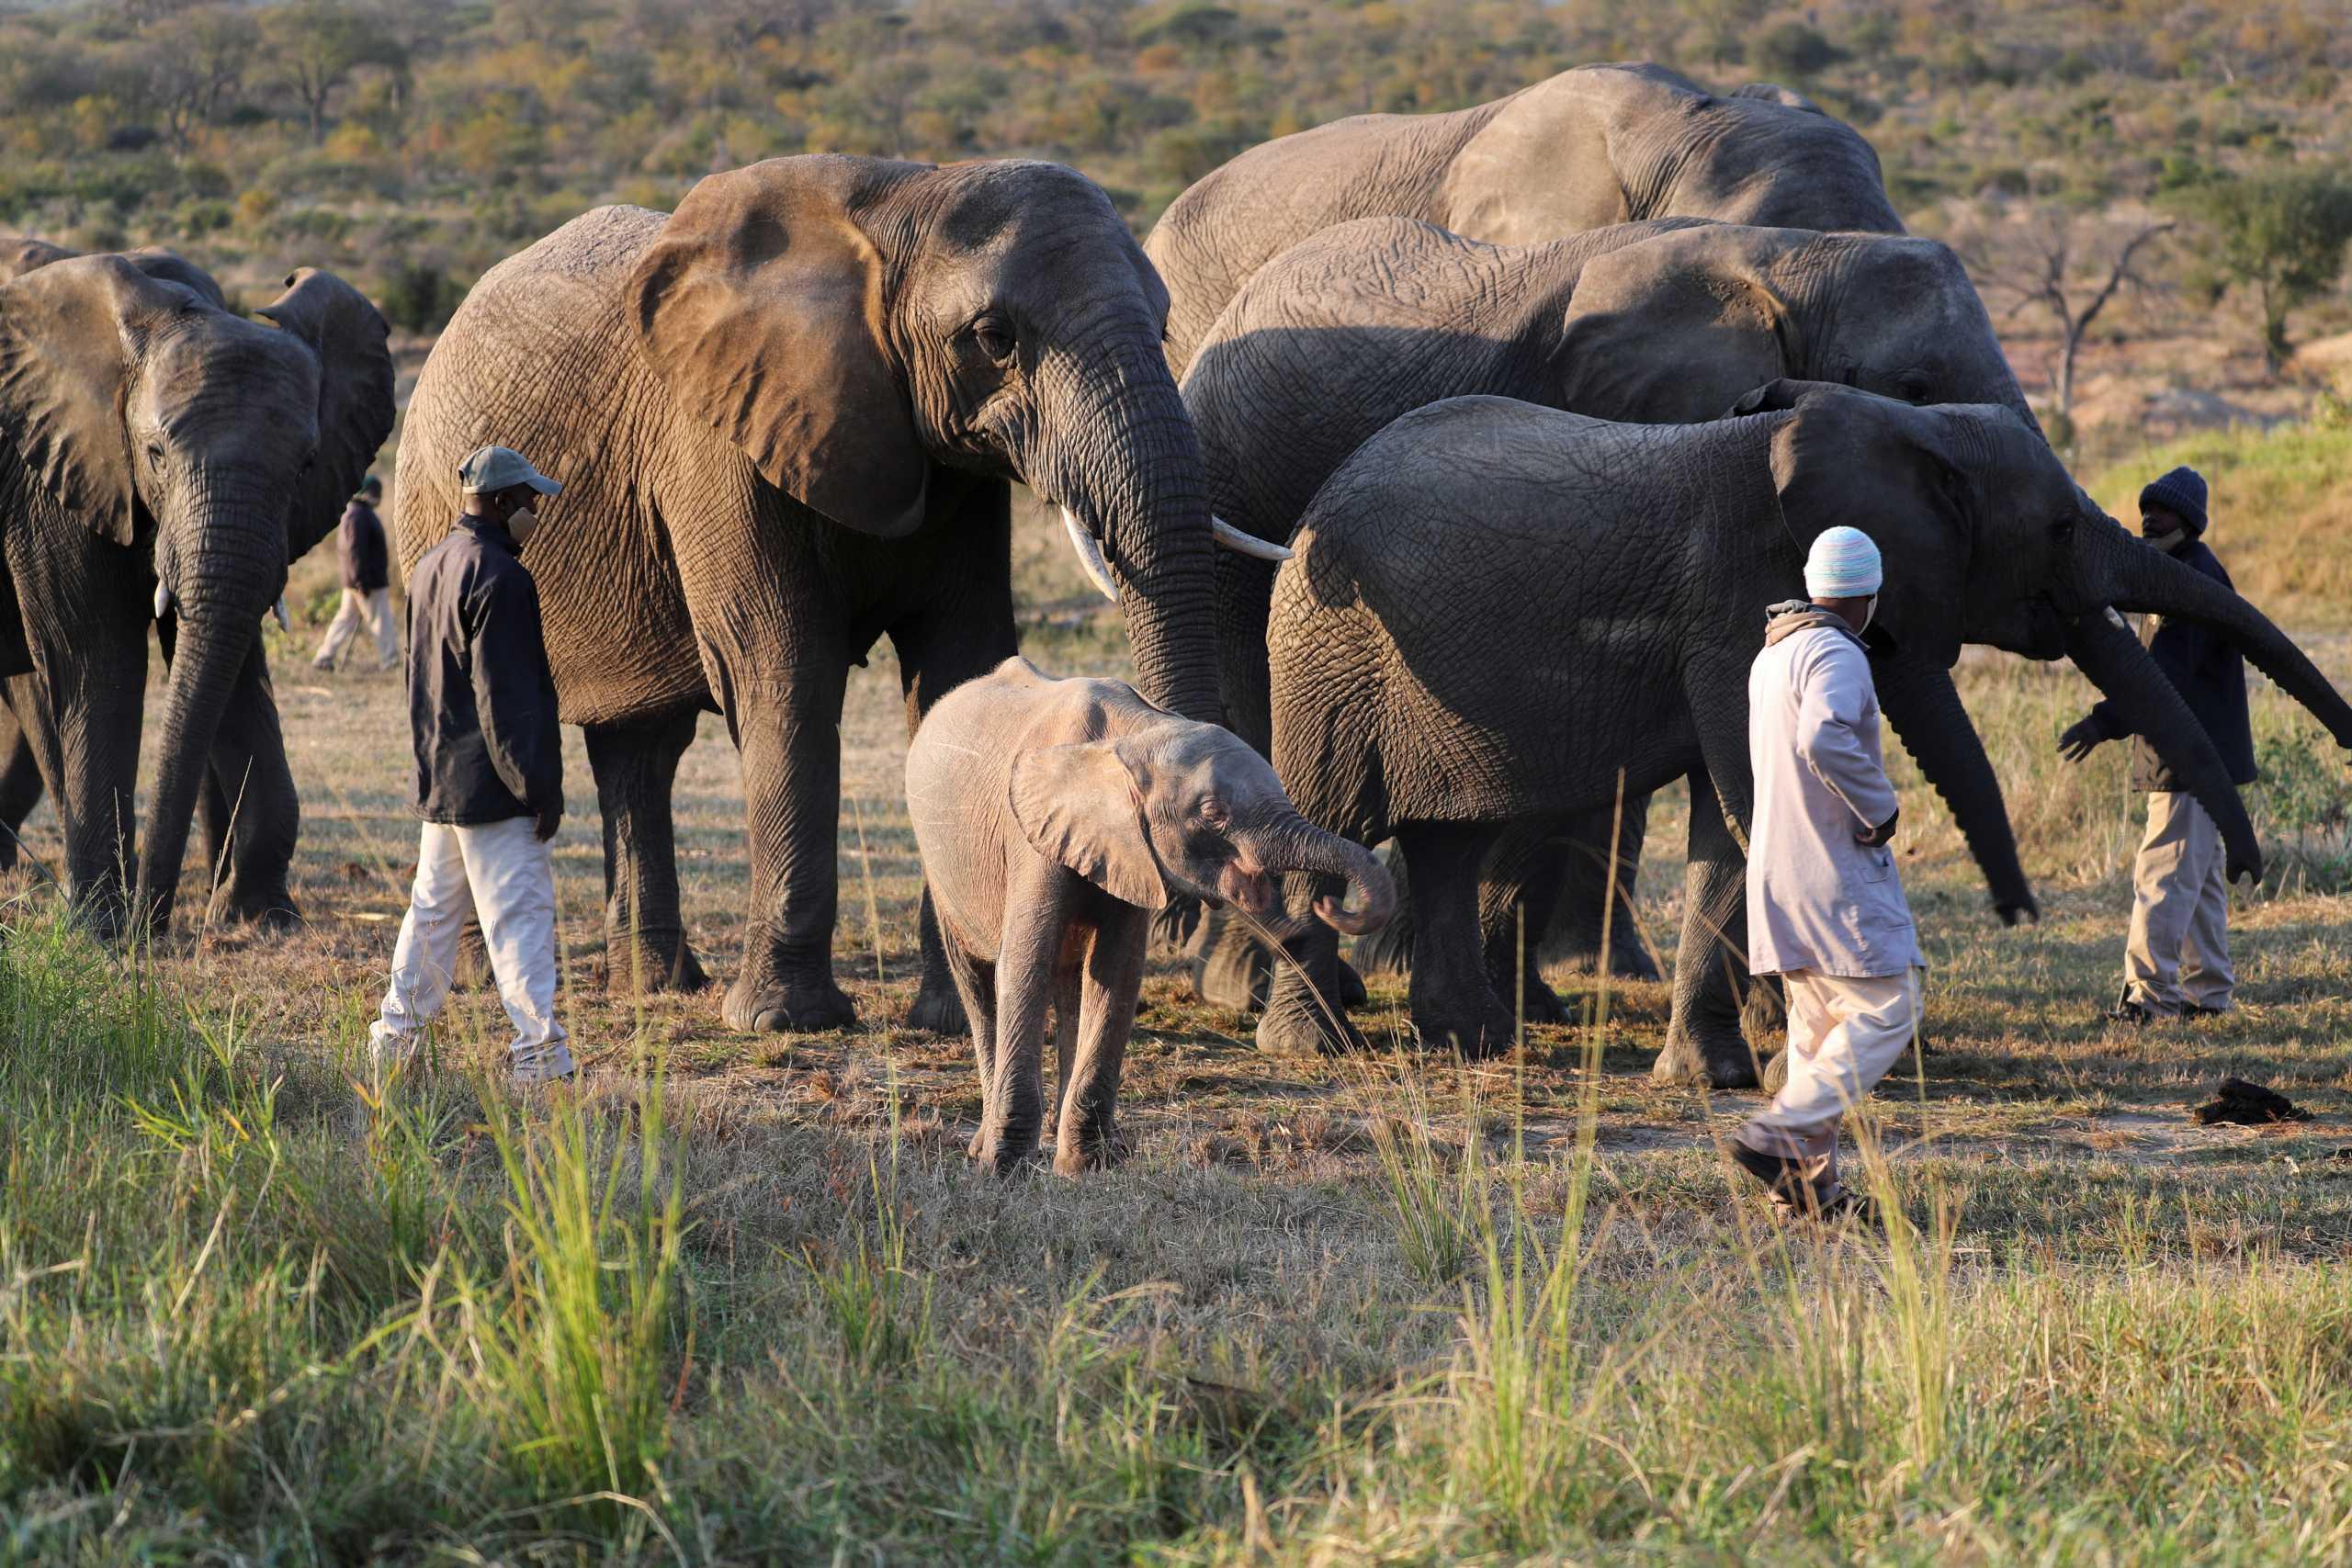 Εκδρομή – εφιάλτης για κοπάδι ελεφάντων στην Κίνα – Από που ξεκίνησαν